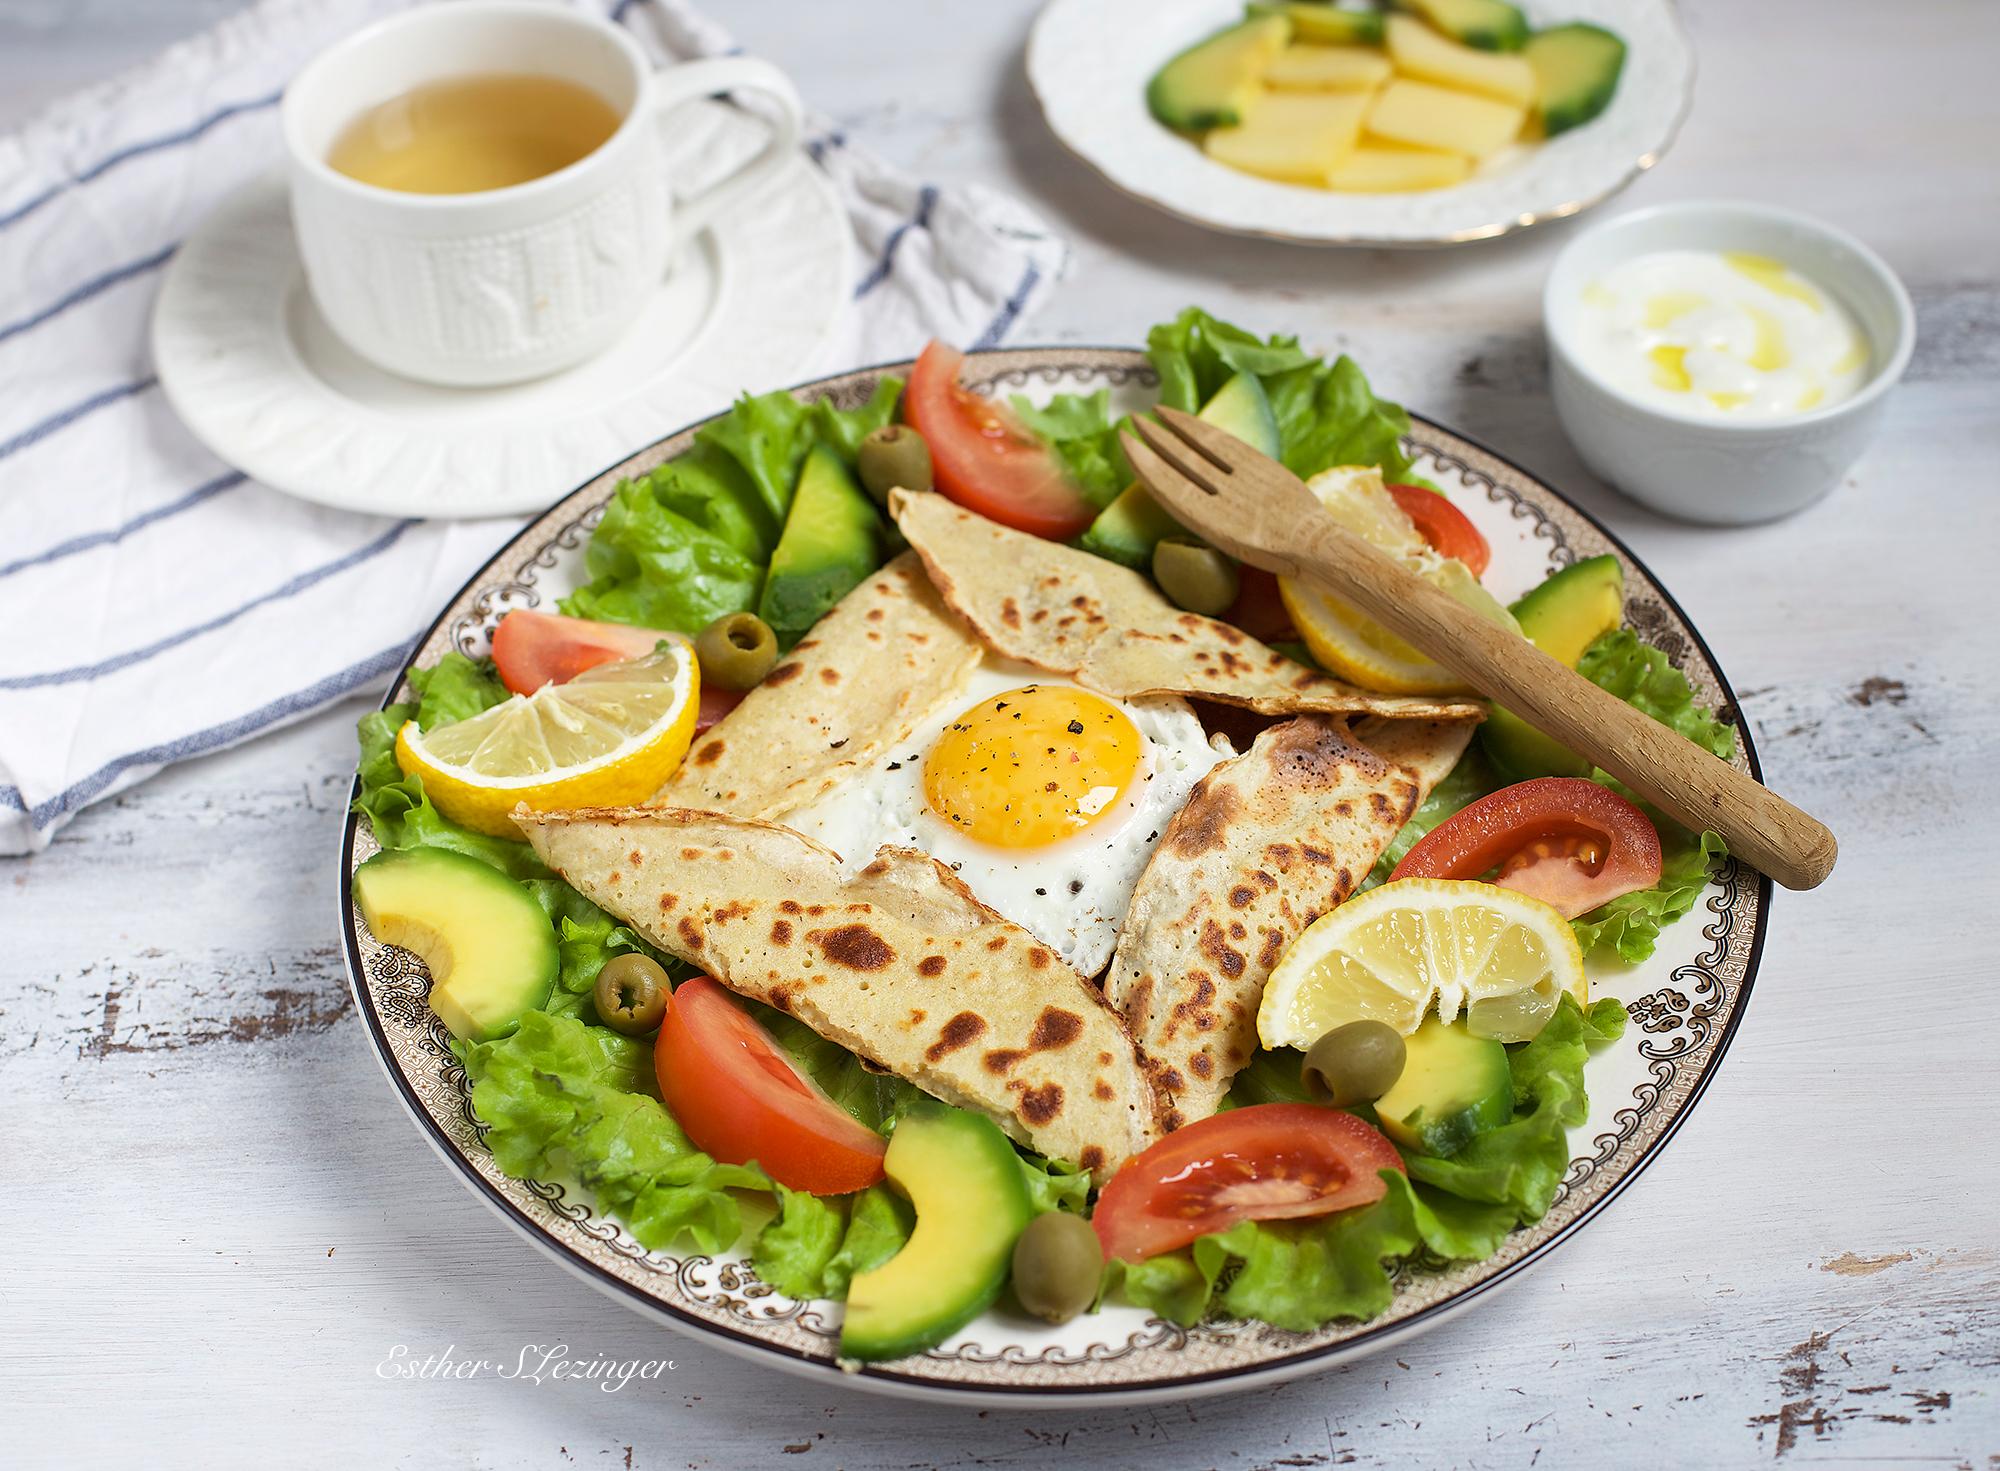 Что Приготовить Вкусного Для Похудения. Диетические блюда для похудения. Рецепты блюд с низкой калорийностью продуктов